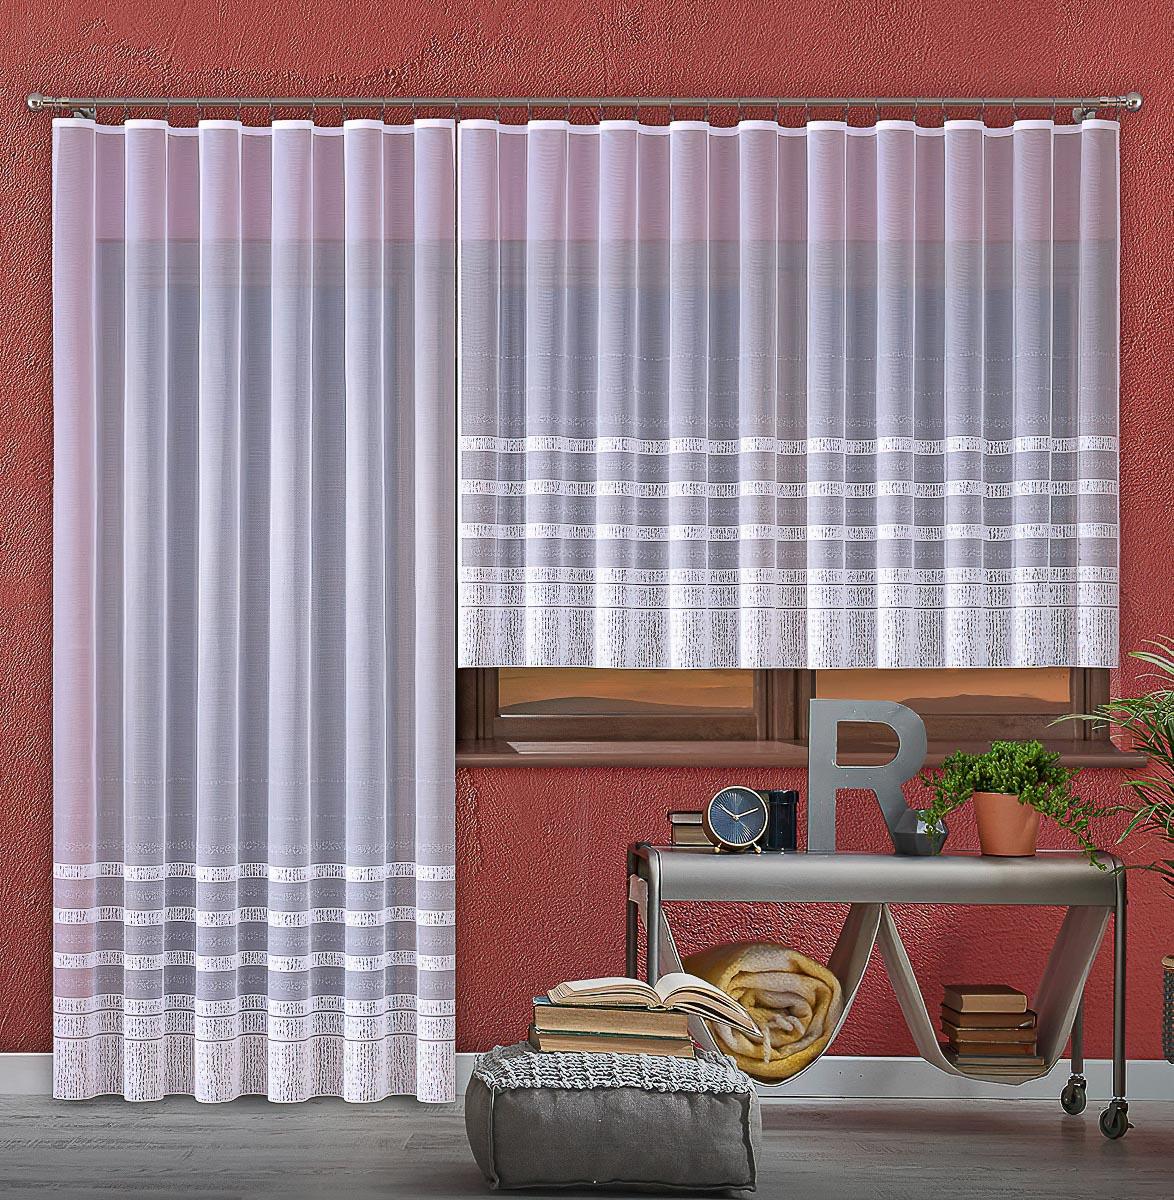 Forbyt kusová záclona KAROLÍNA jednobarevná bílá, výška 250 cm x šířka 200 cm (na dveře)